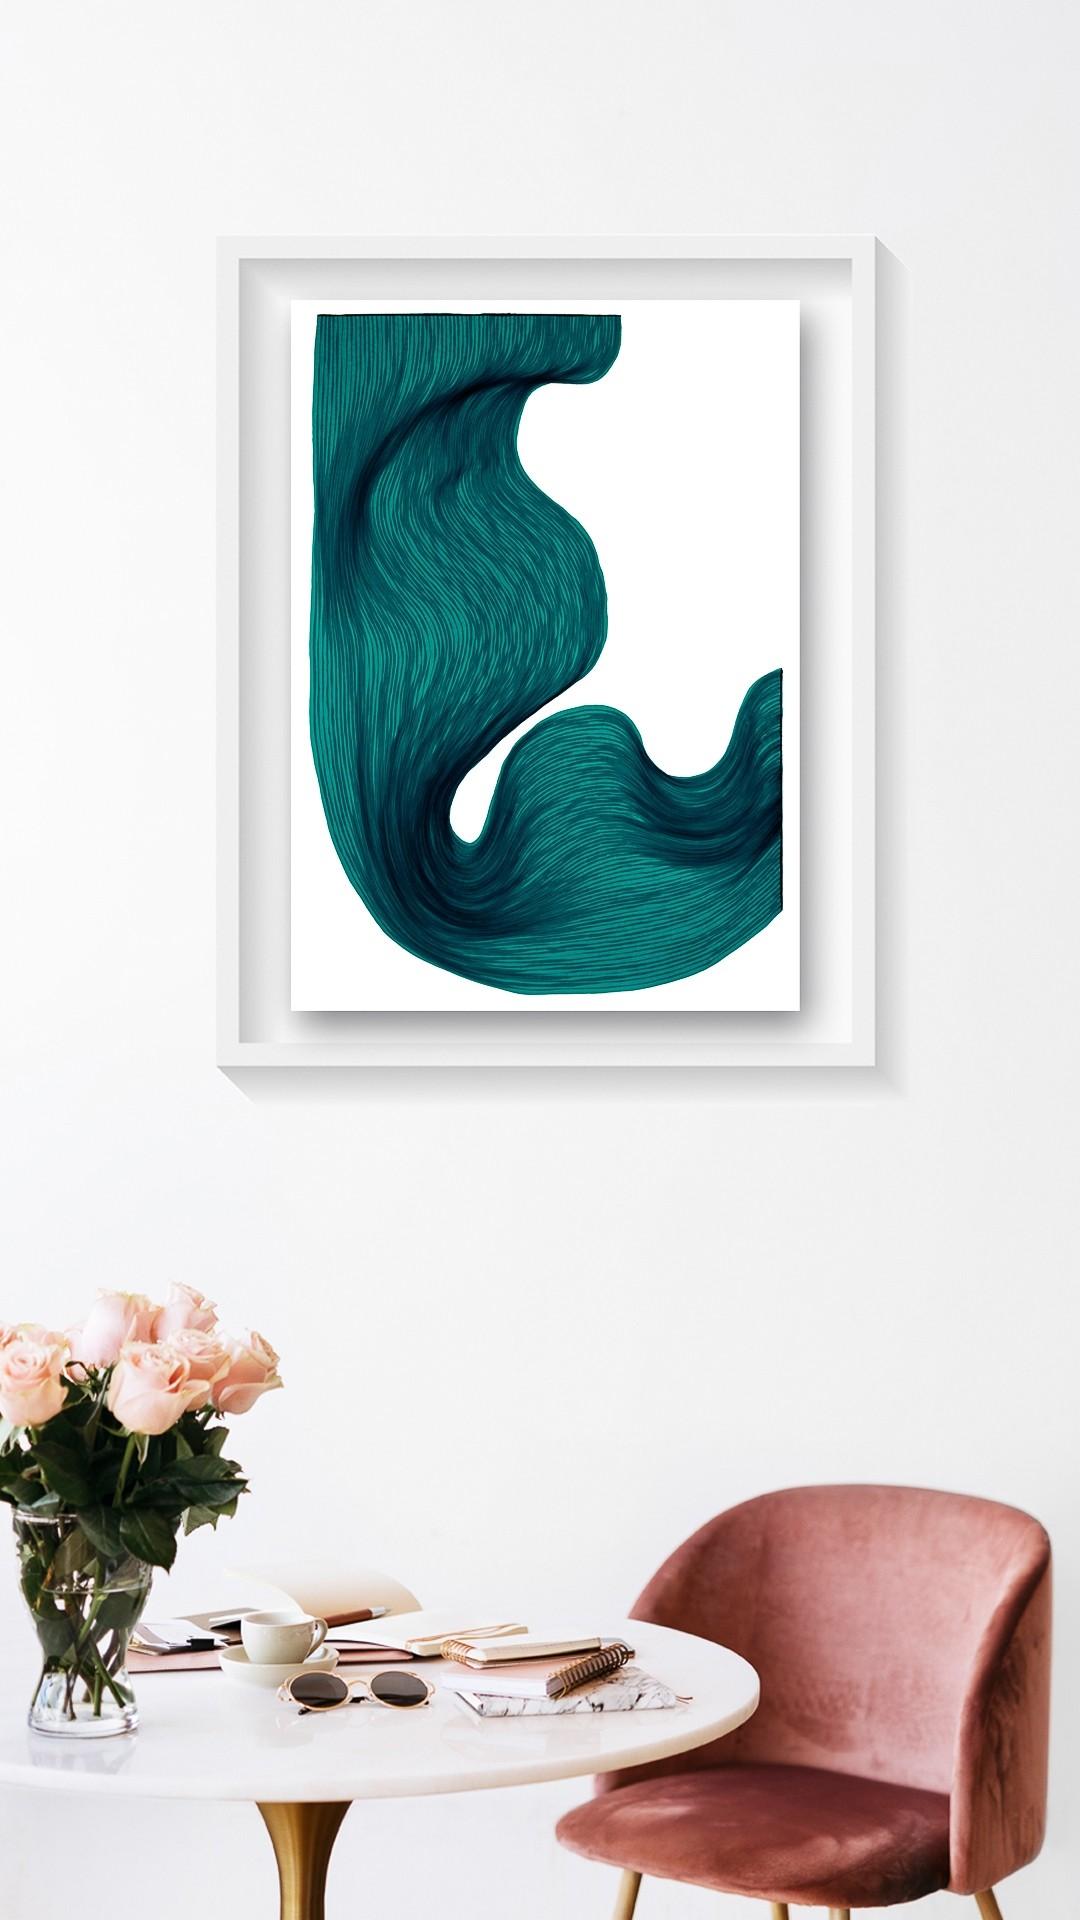 Sea Green  | Lali Torma | Zeichnung | Kalligraphietusche auf Papier, gerahmt - 2